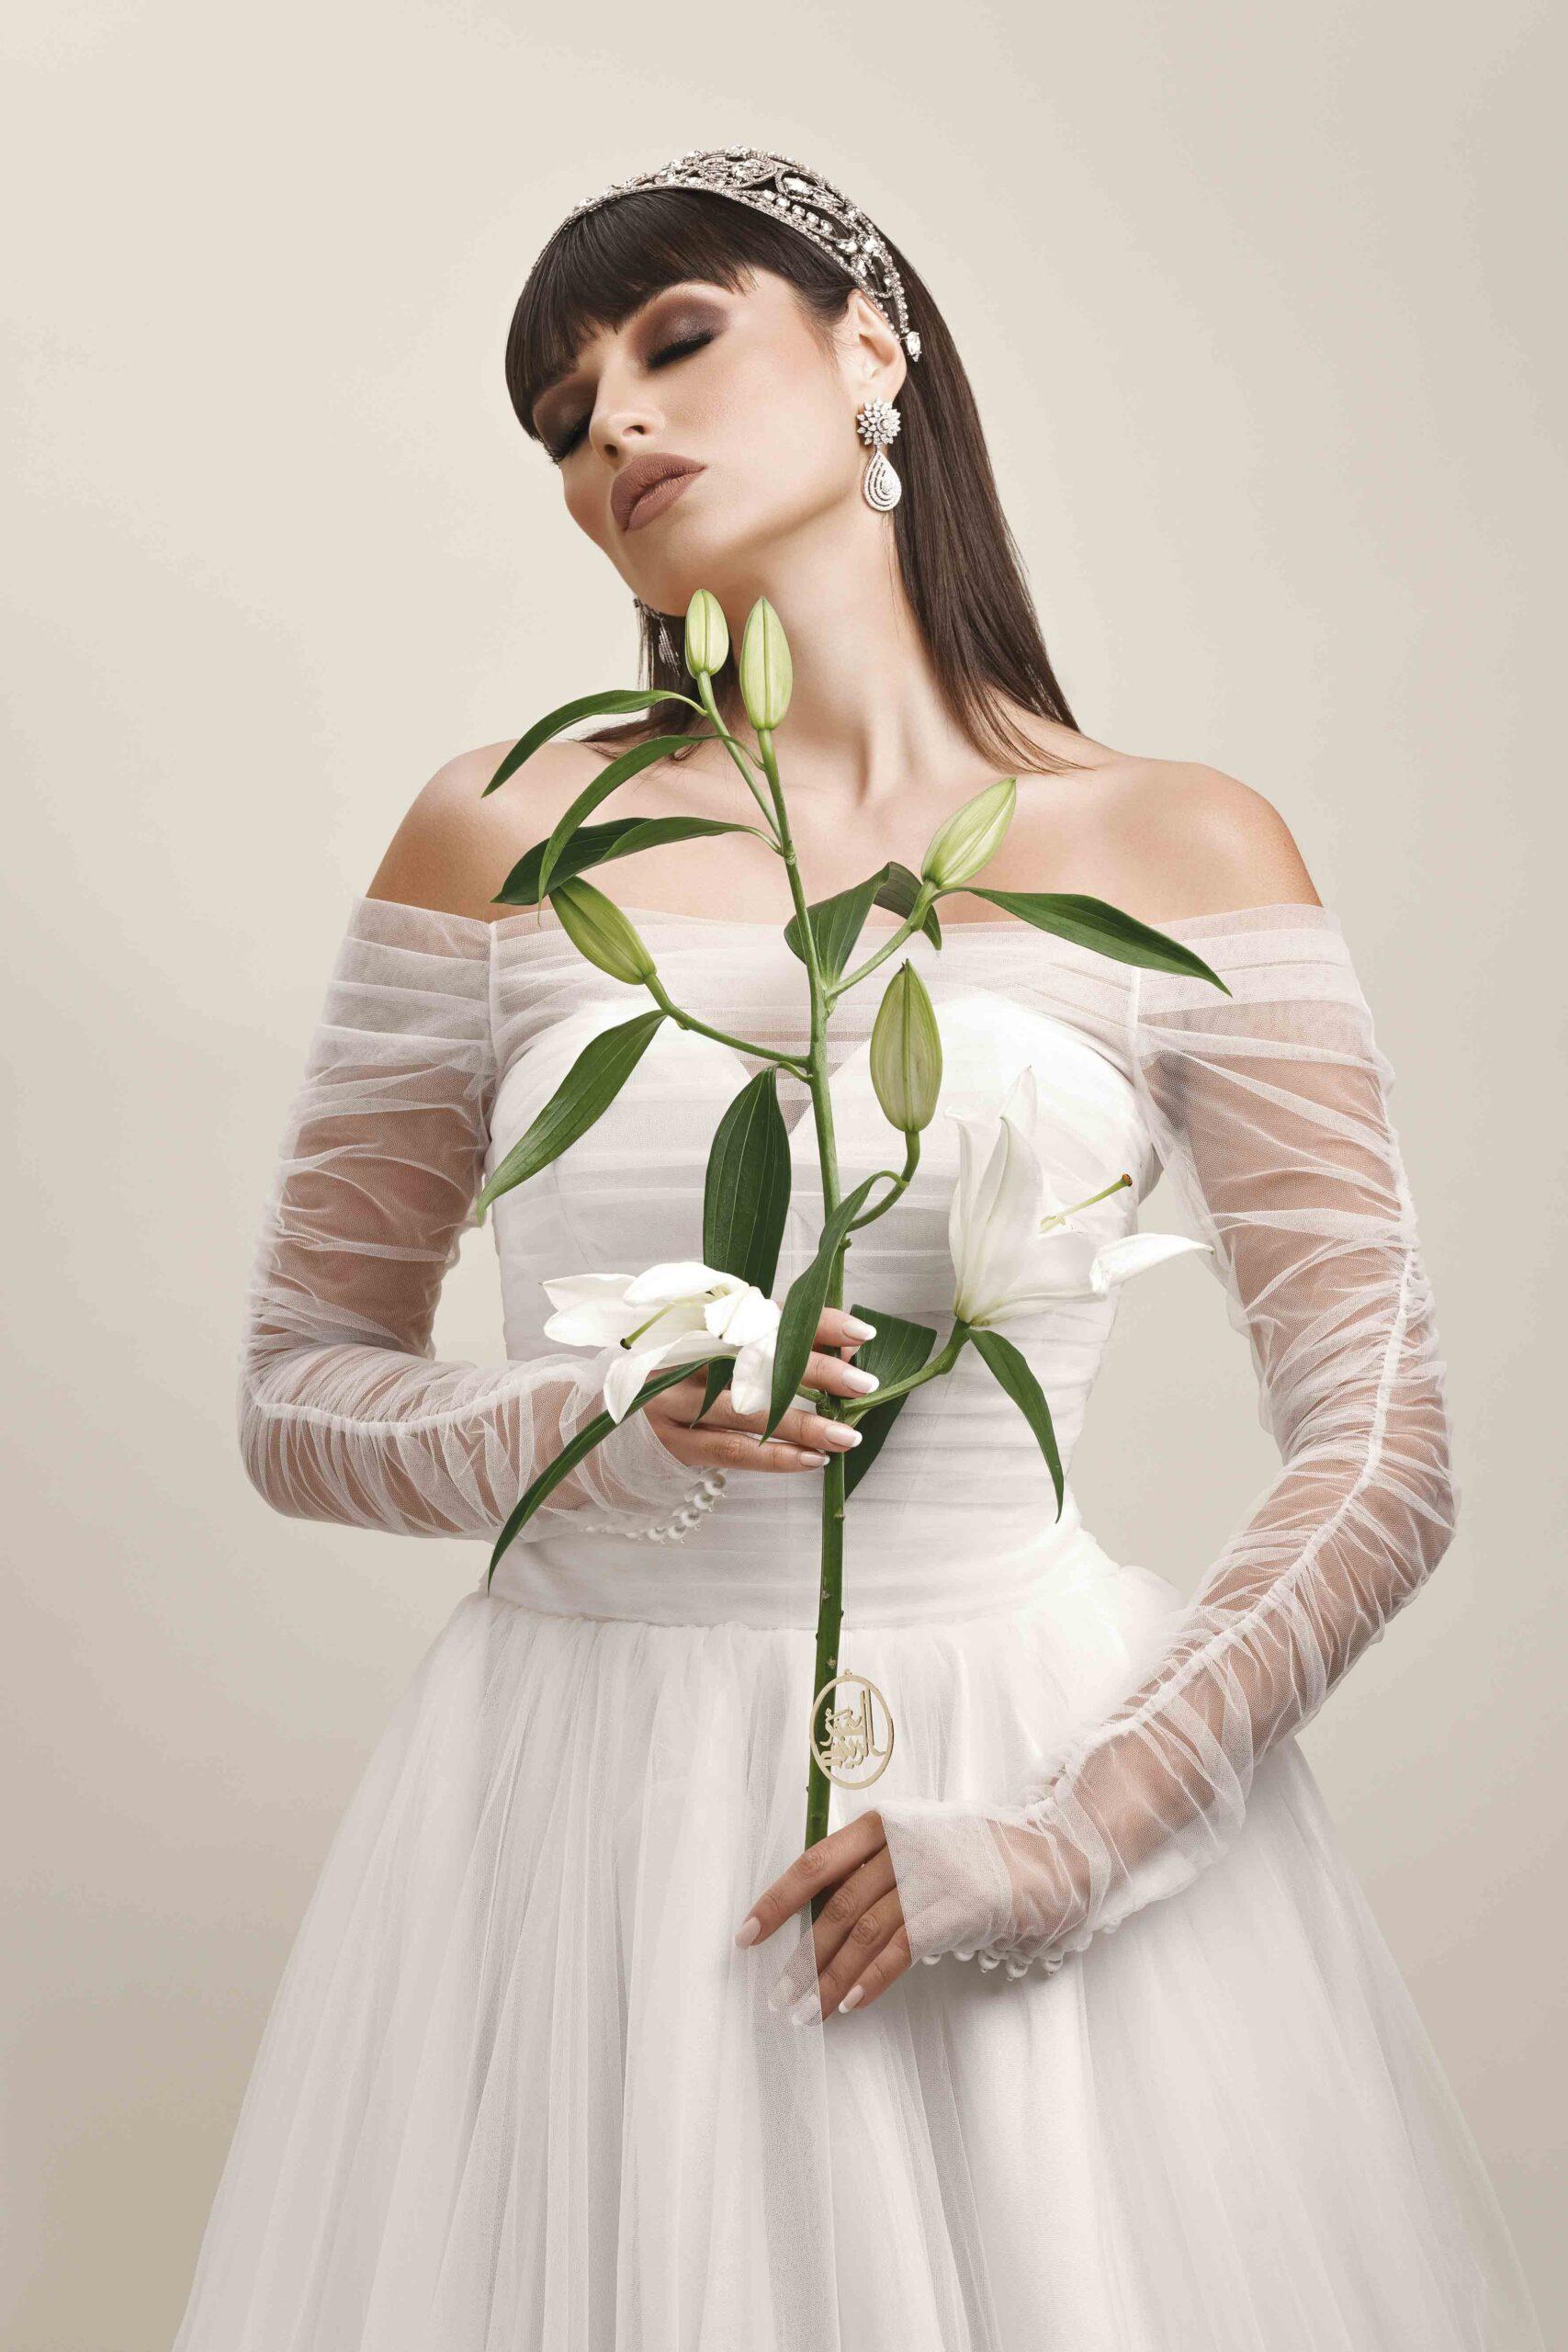 Photo of كورونا» لم تغير من مكياجها.. ليلى هارموني:  وتبقى العروس العنصر الوحيد الذي لا يتغير«